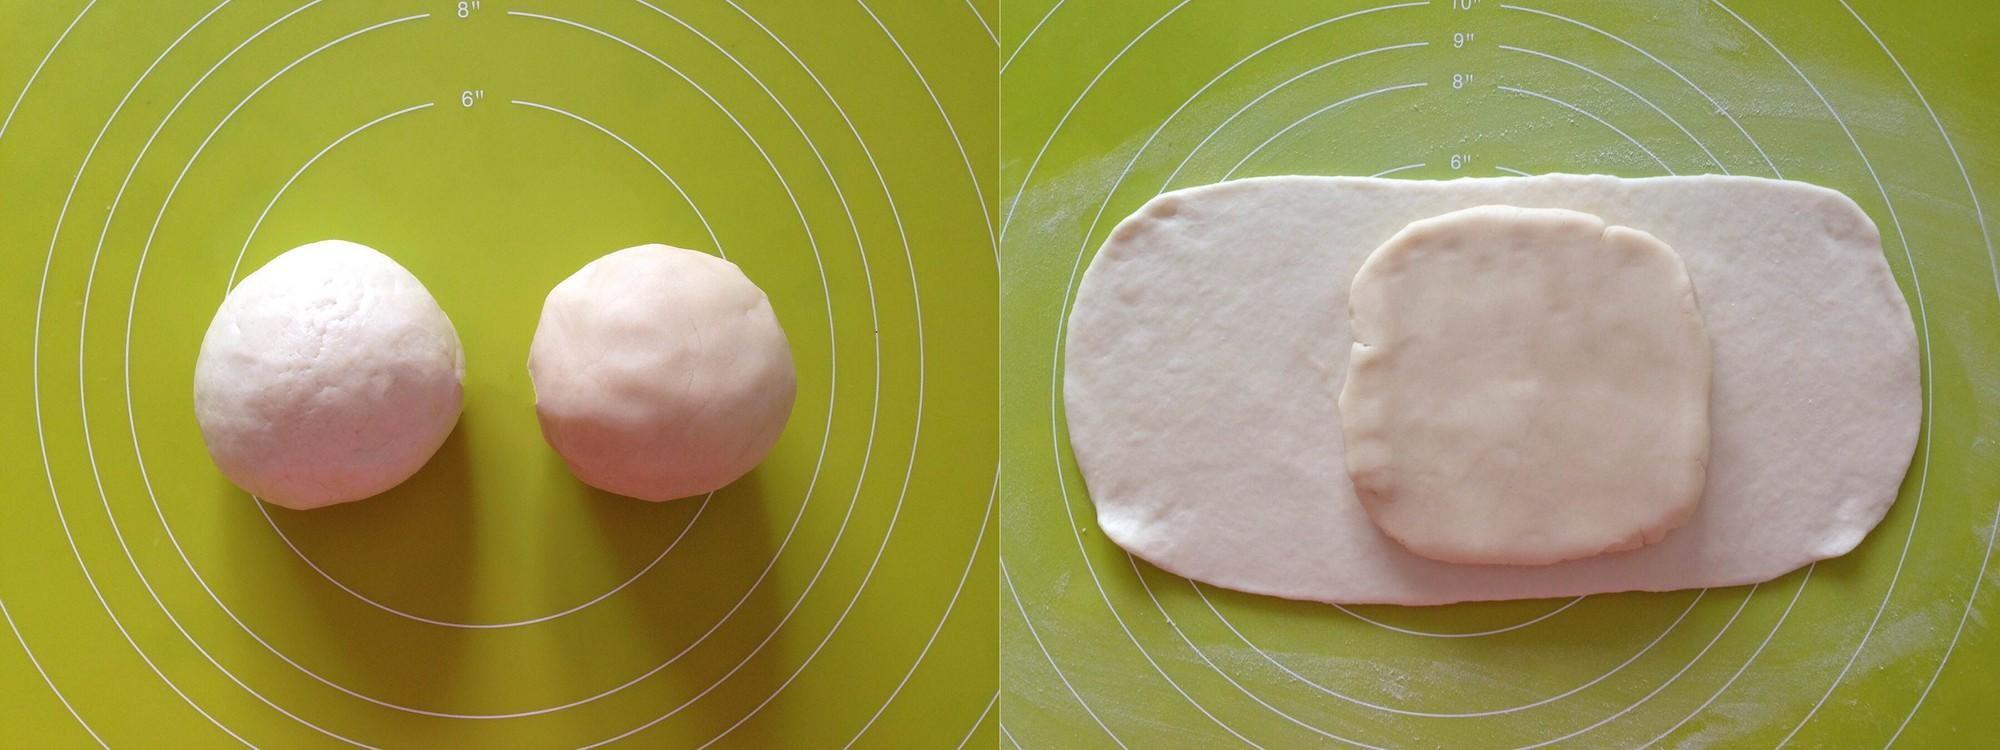 Không cần lò nướng cũng làm được bánh xoắn ốc siêu đẹp siêu ngon-1